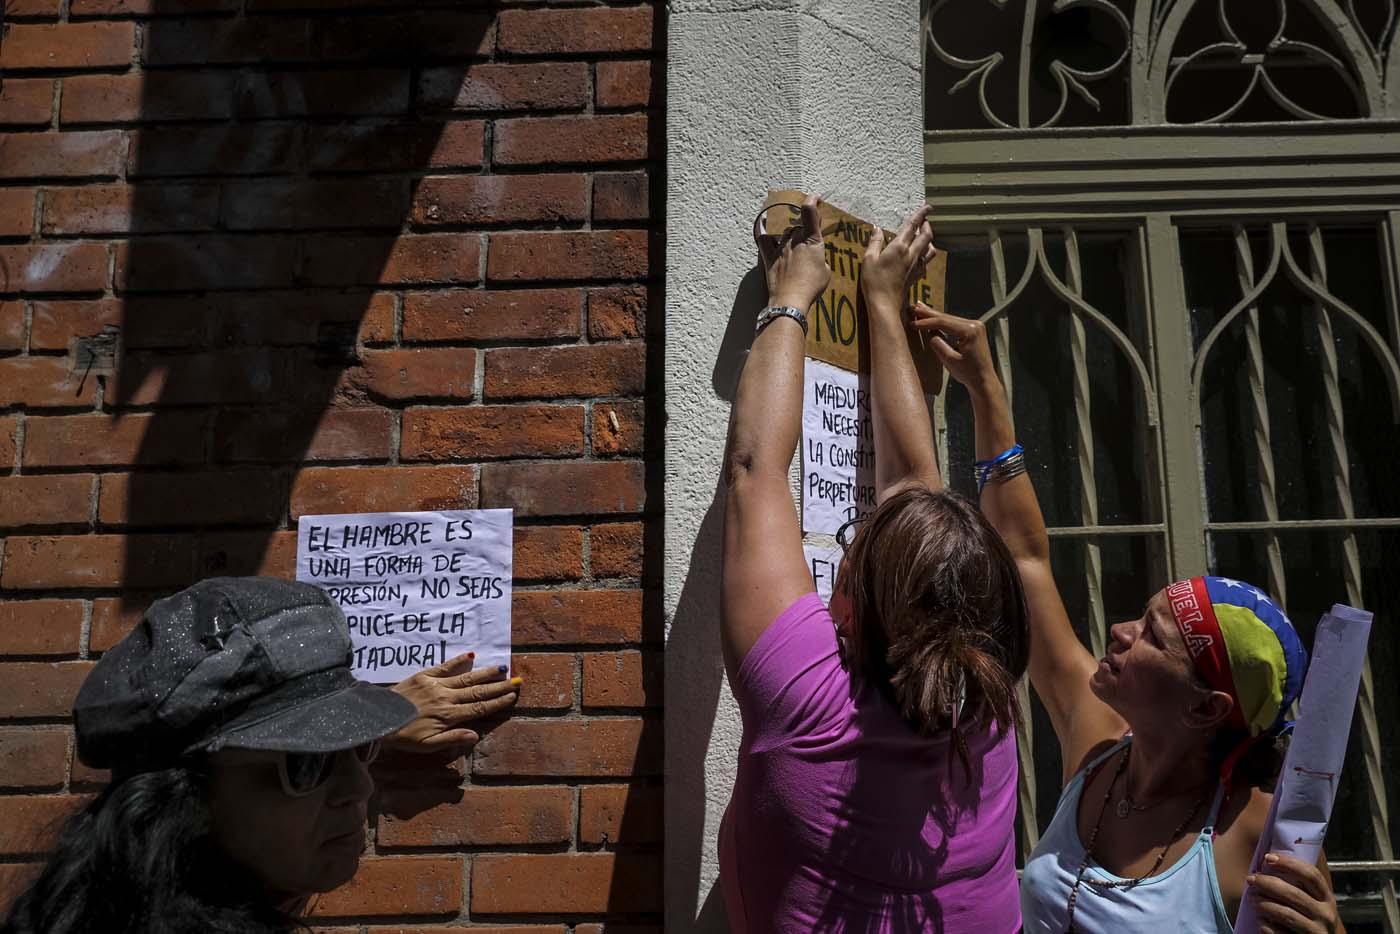 CAR11. CARACAS (VENEZUELA), 24/07/2017.- Manifestantes pegan carteles en rechazo a la Asamblea Constituyente hoy, lunes 24 de julio de 2017, en un colegio electoral de Caracas (Venezuela). Venezuela inicia hoy la semana decisiva para la elección de la Asamblea Nacional Constituyente convocada por el presidente, Nicolás Maduro, con los oficialistas entrando en la recta final de su campaña en medio de protestas y llamados a paro de los opositores en rechazo a esos comicios. EFE/Miguel Gutiérrez